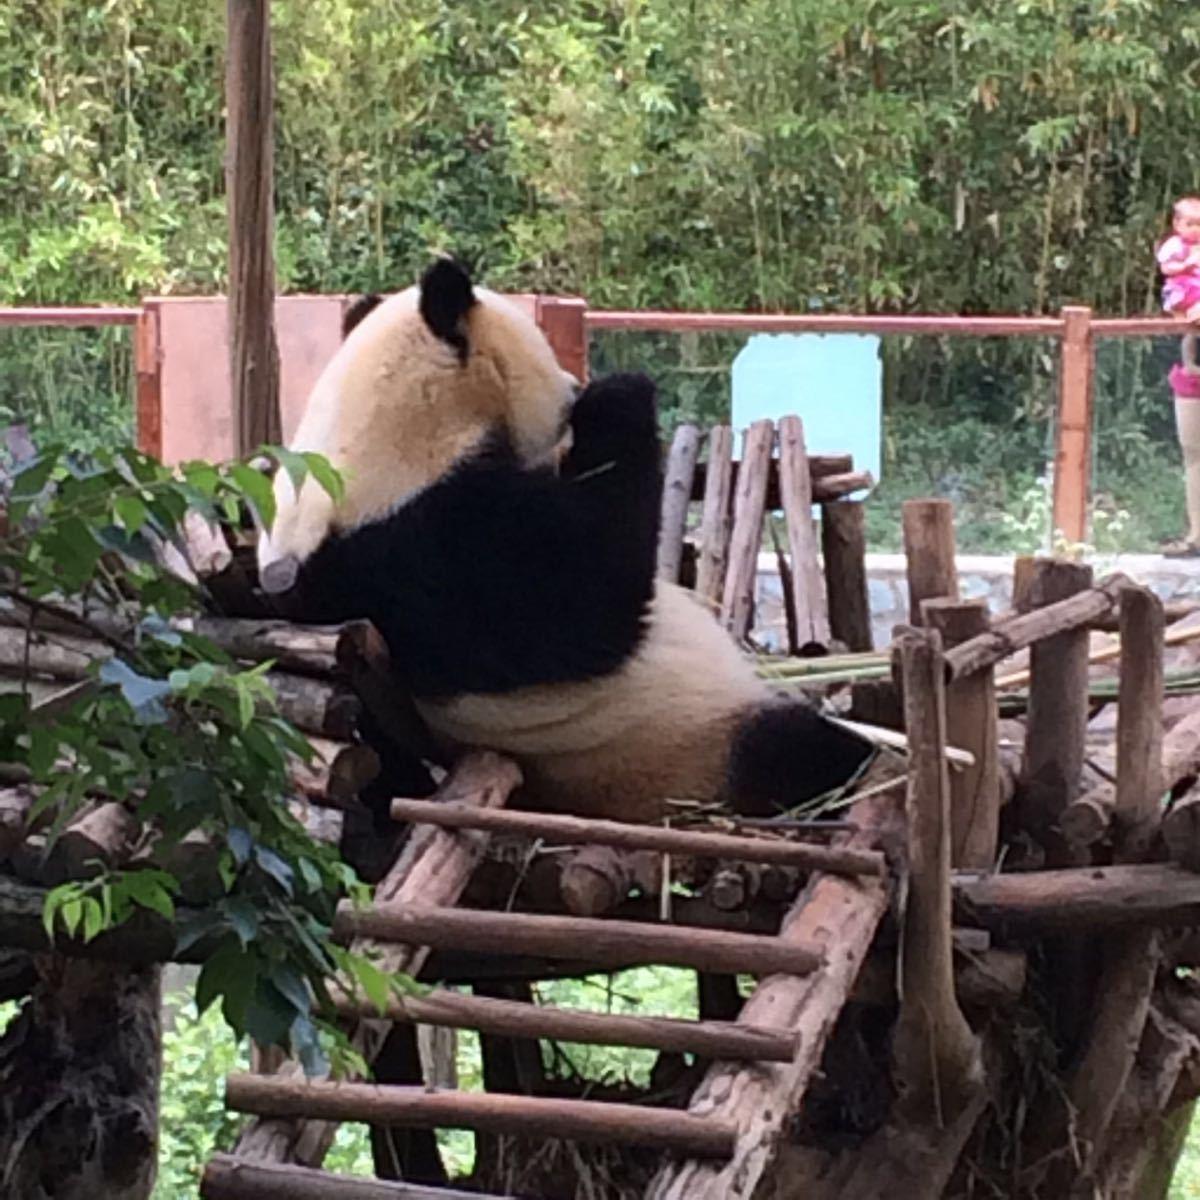 【携程攻略】云南昆明云南野生动物园好玩吗